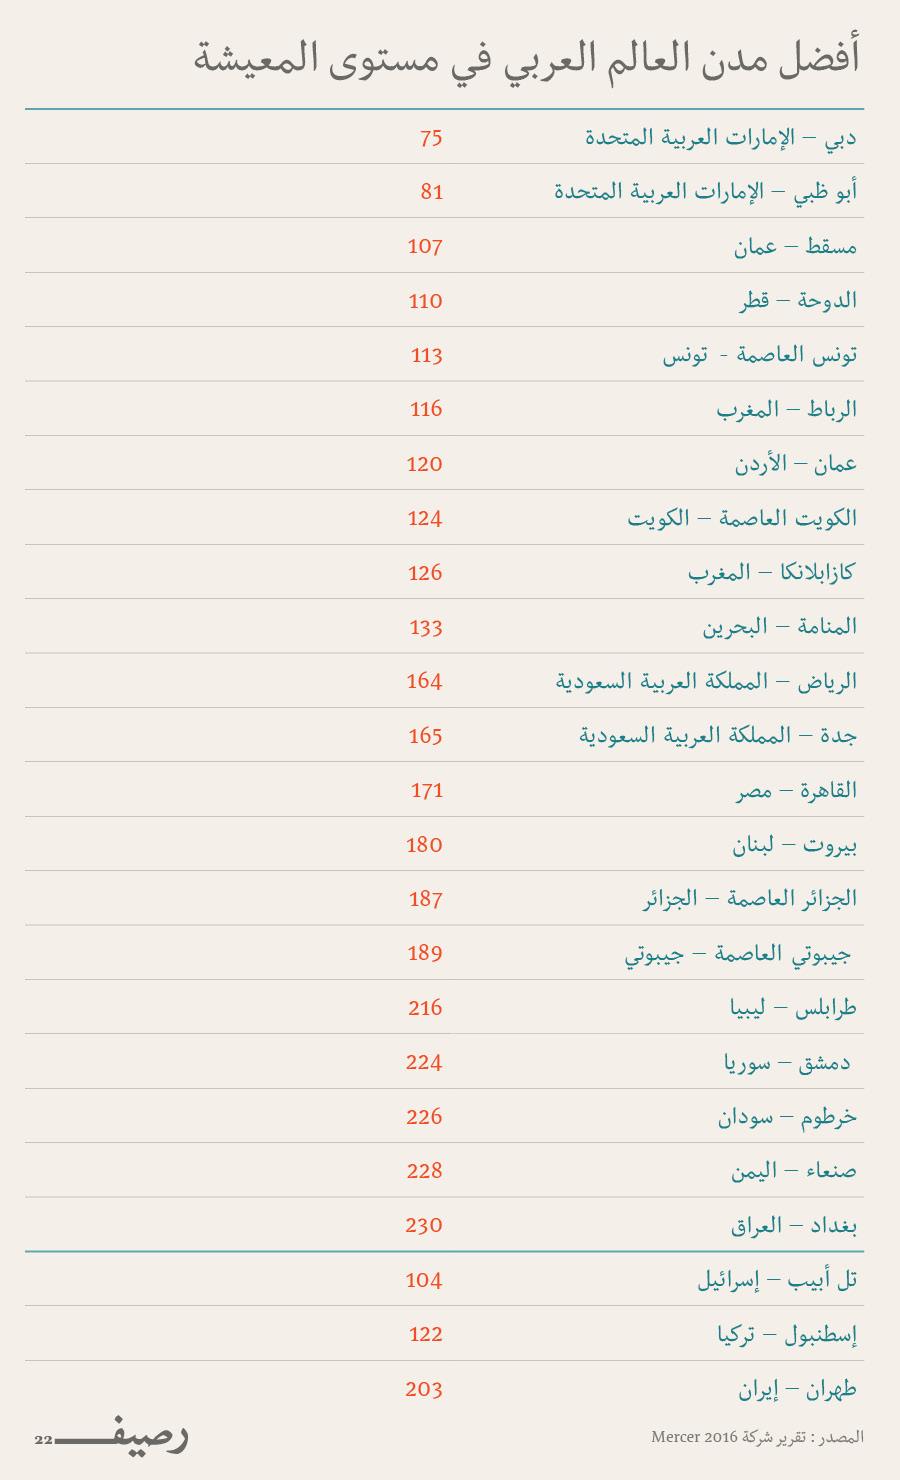 افضل المدن العربية للعيش - مدن عربية يمكن العيش فيها